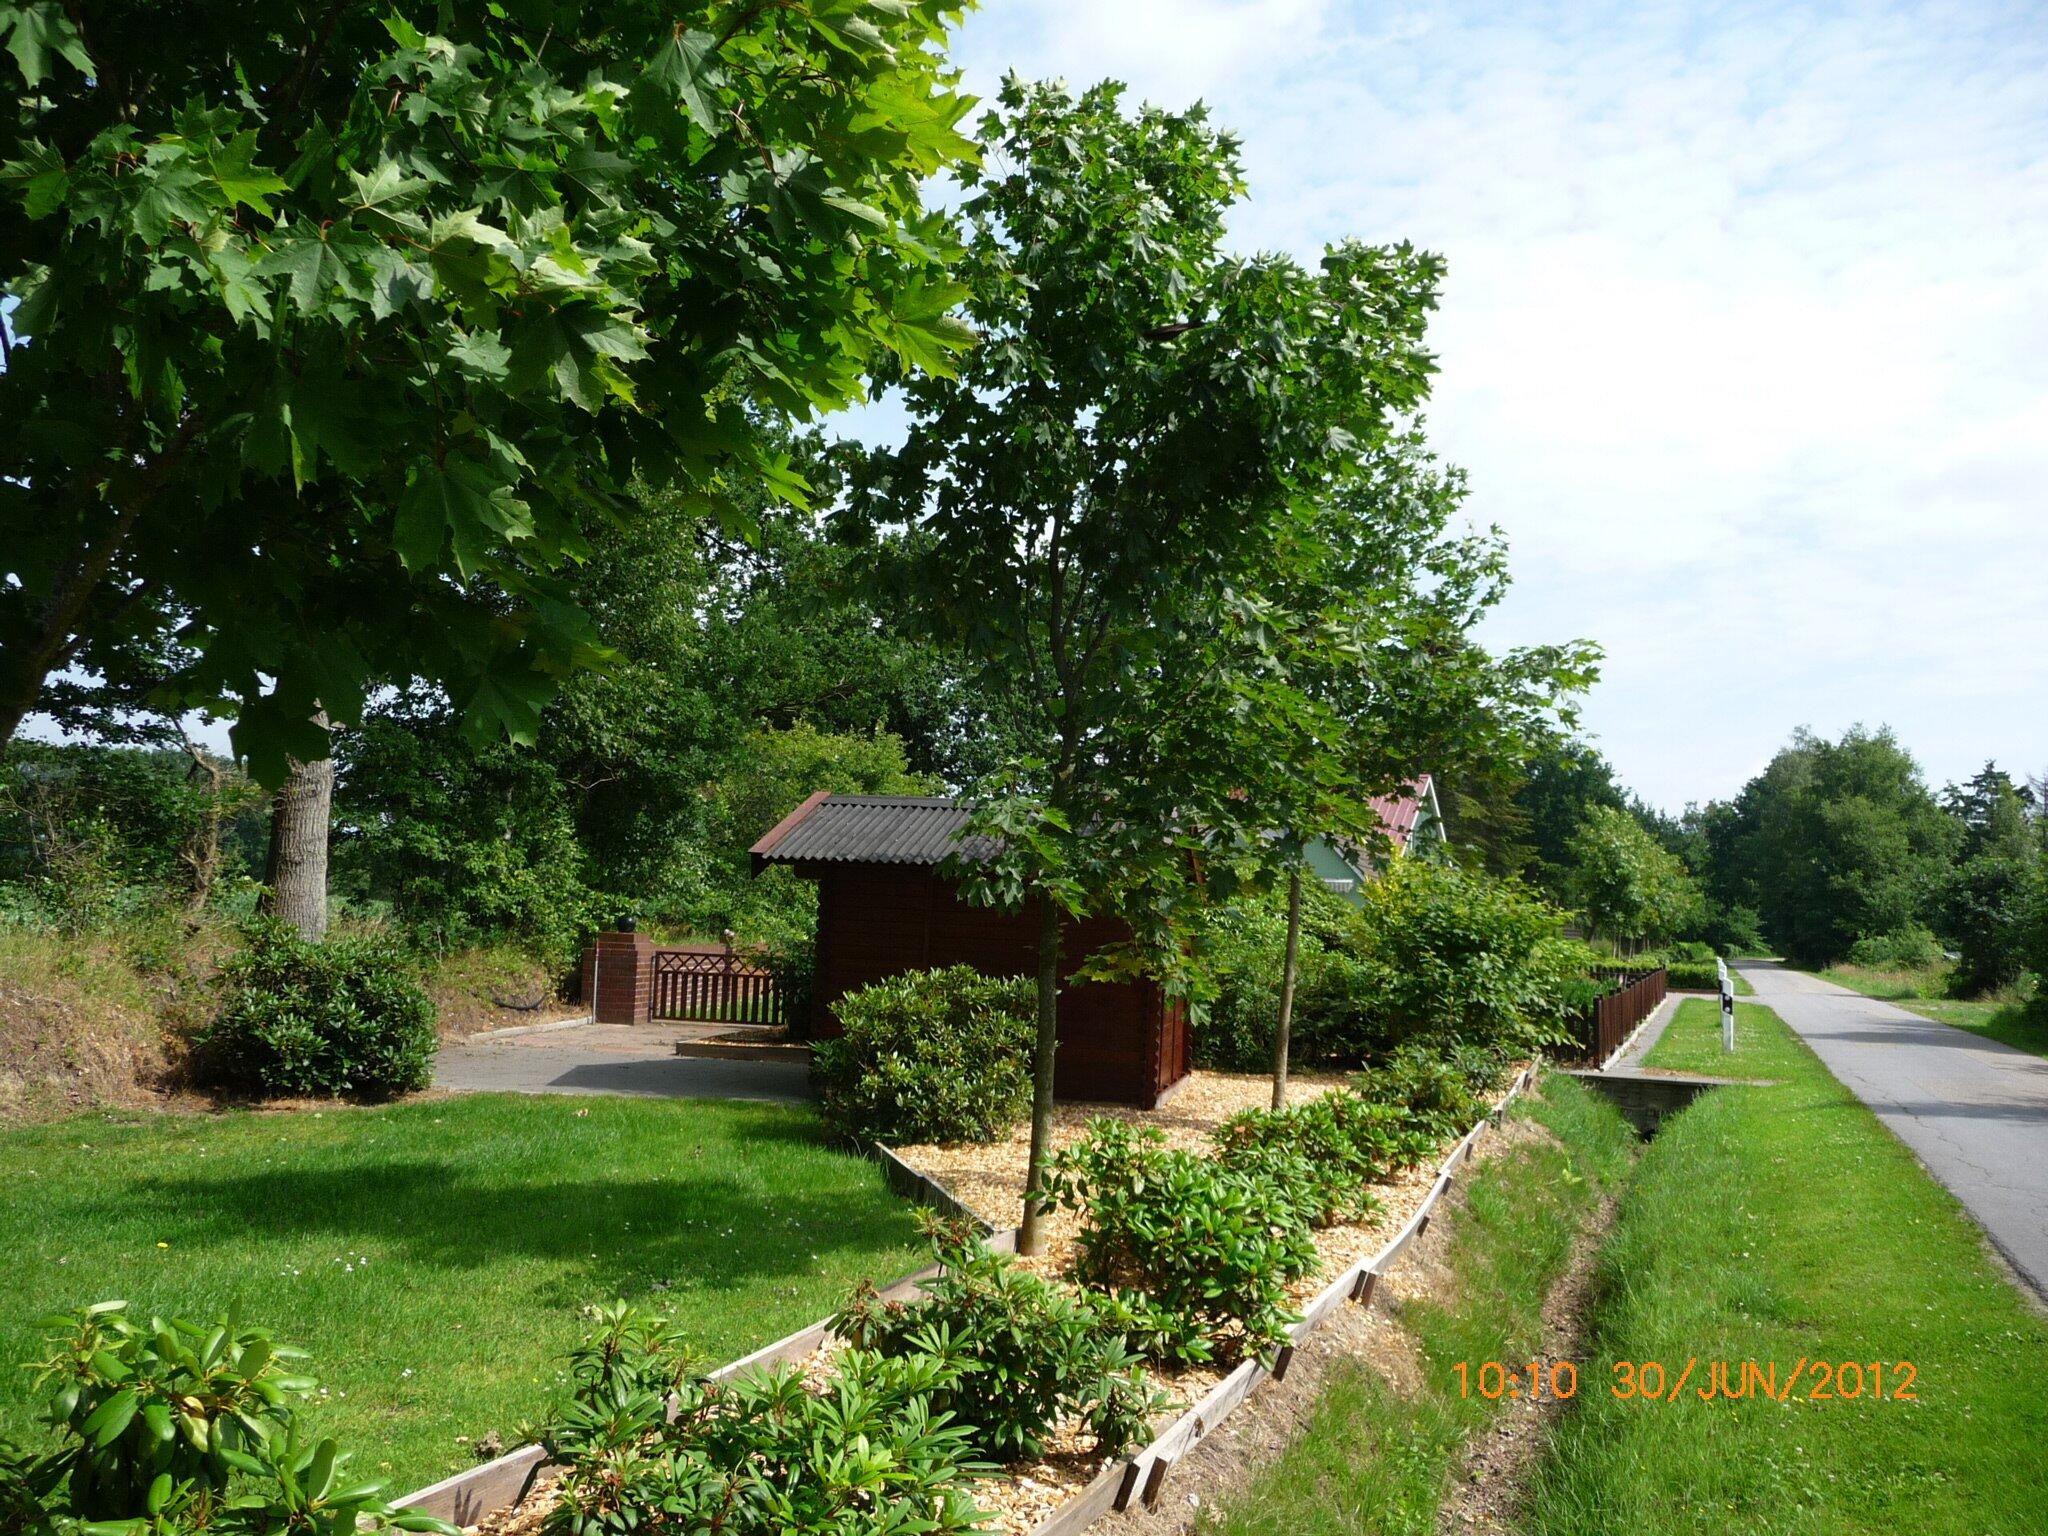 Am Ende des Gartens ist die Fahrradhütte